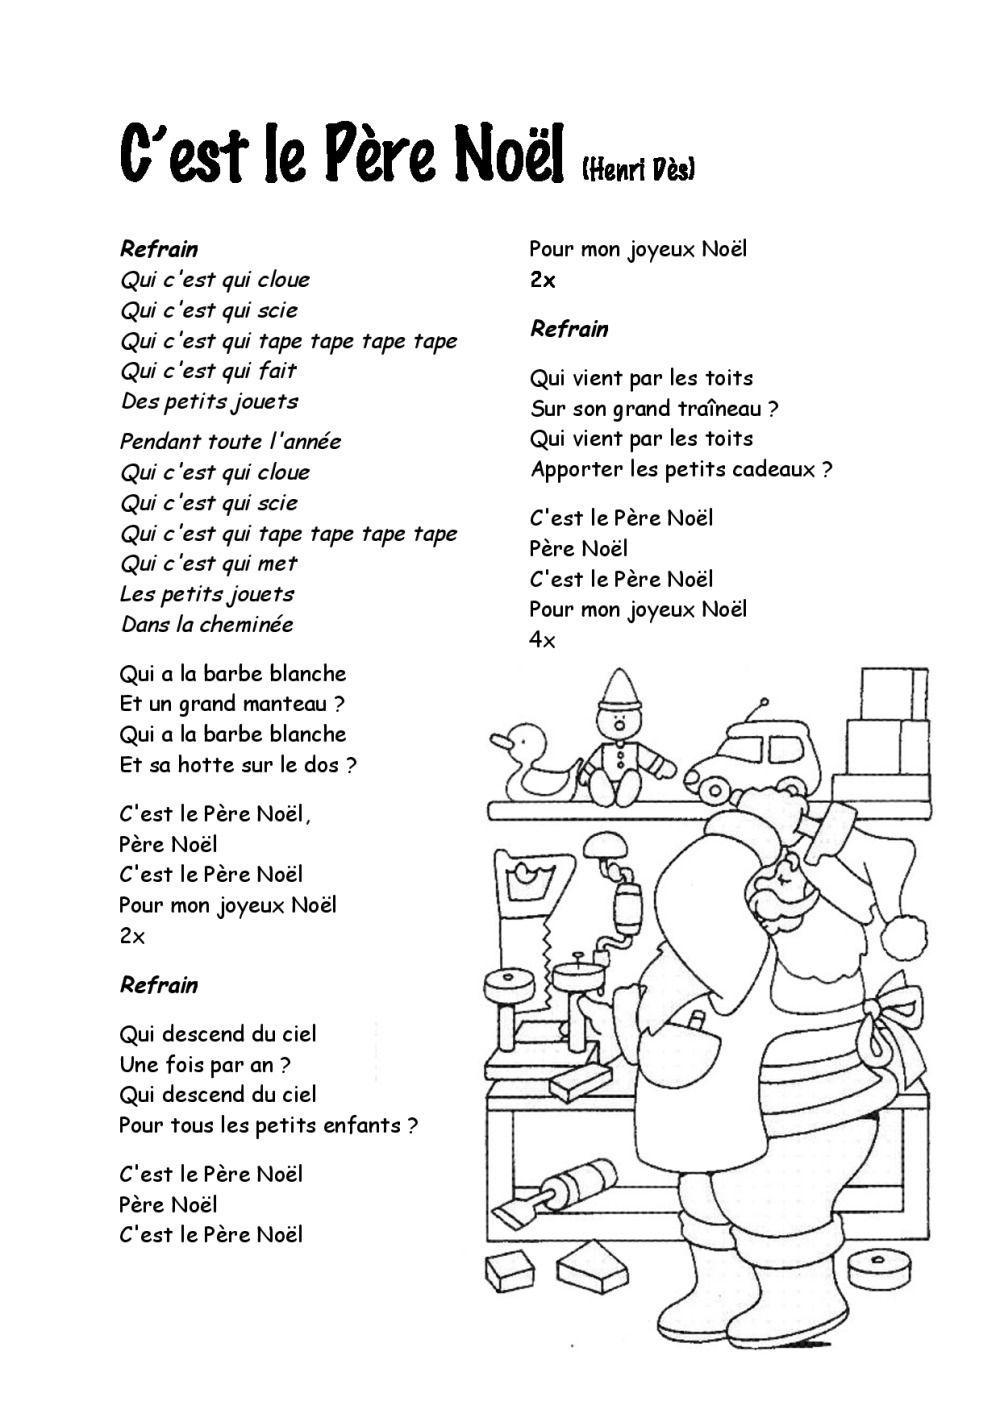 Paroles Chants De Noel Paroles chansons de Noël | BDRP | Französisch